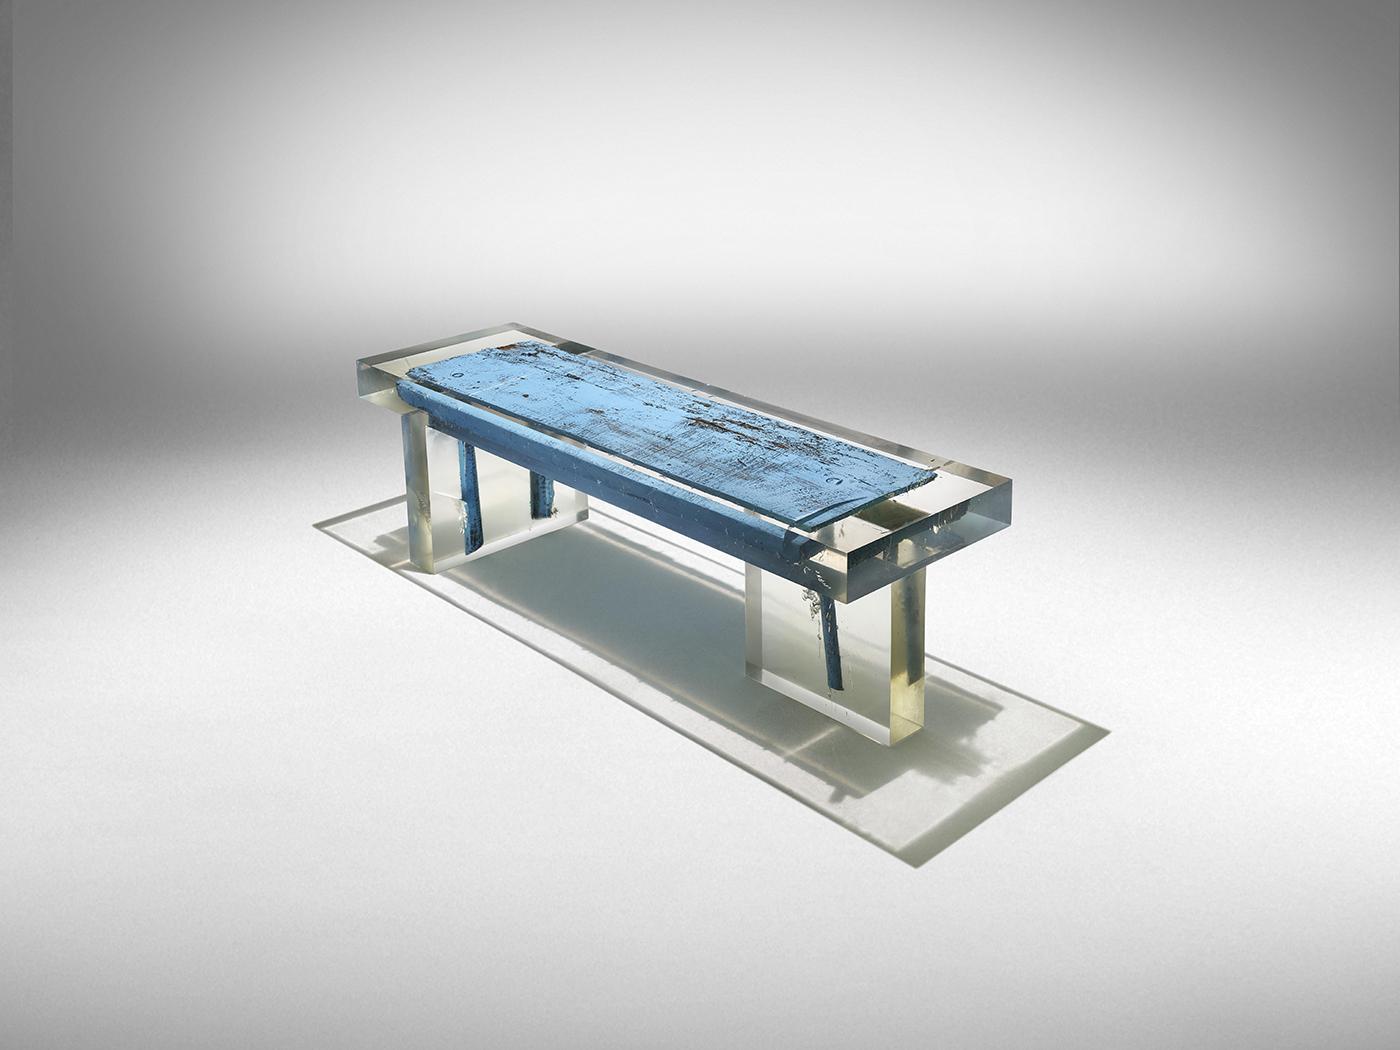 StudioNucleo_souvenir bench_13_1400px